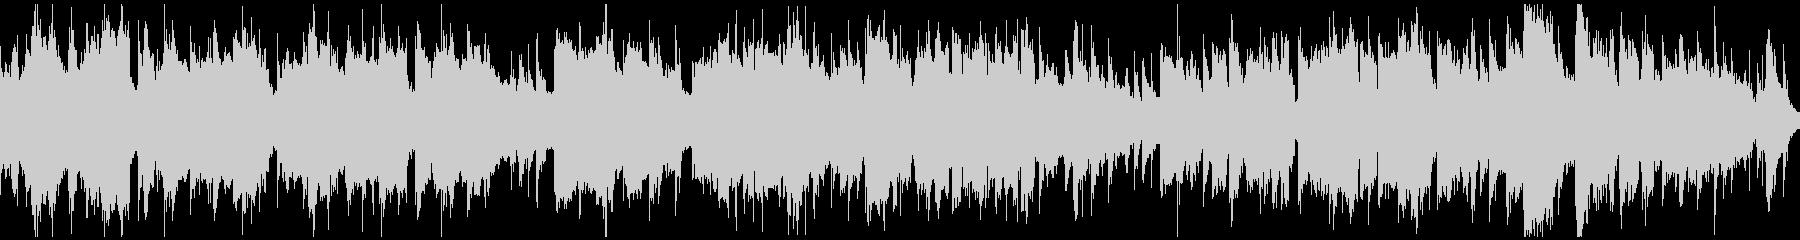 温泉や和をイメージしたBGM(ループ)の未再生の波形